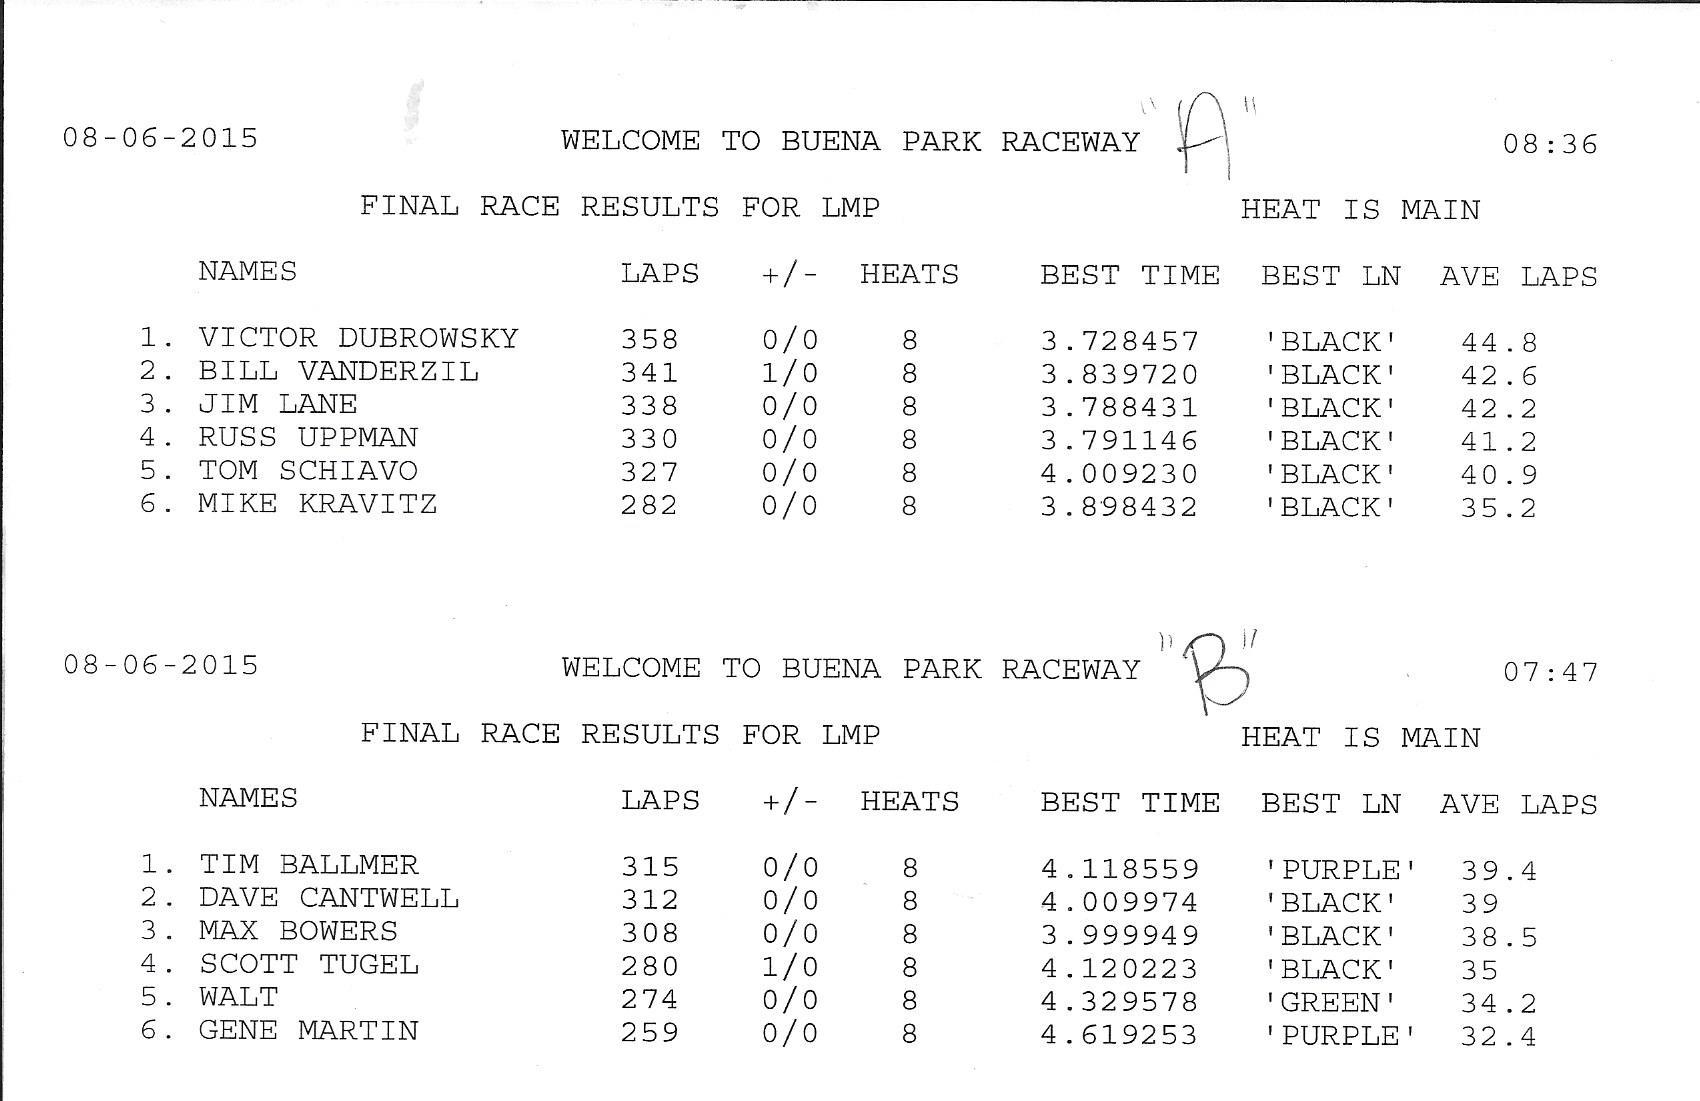 8615 lmp results.jpg